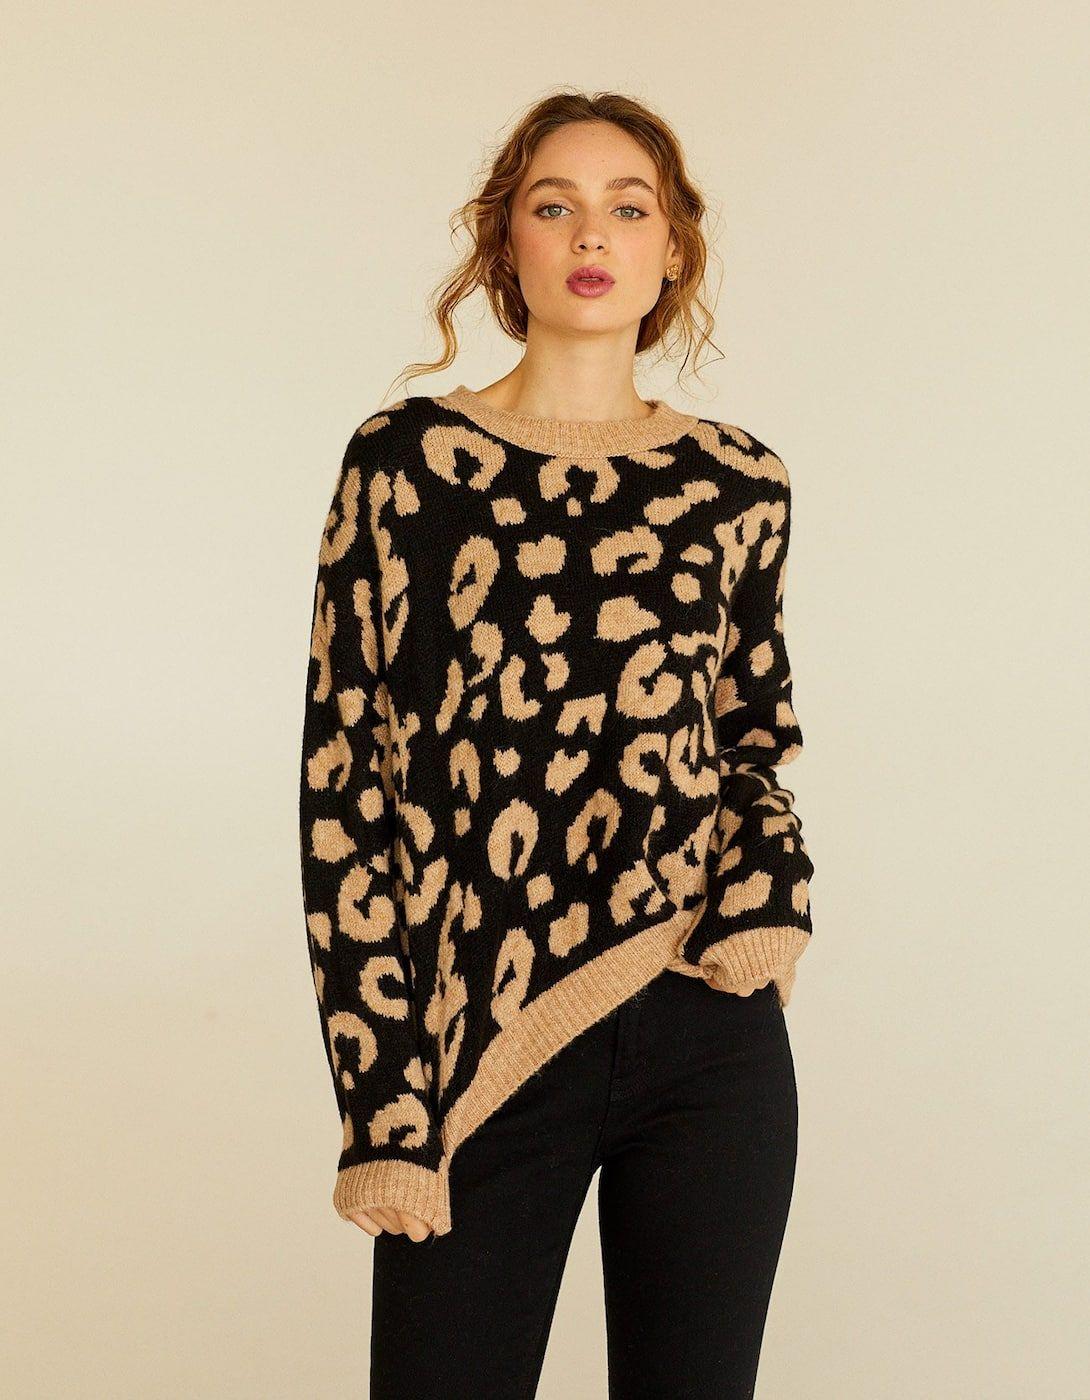 c34c549b3aae Animal print sweater in 2019 | HOL 19 MUDD | Sweaters, Fashion, Knitwear